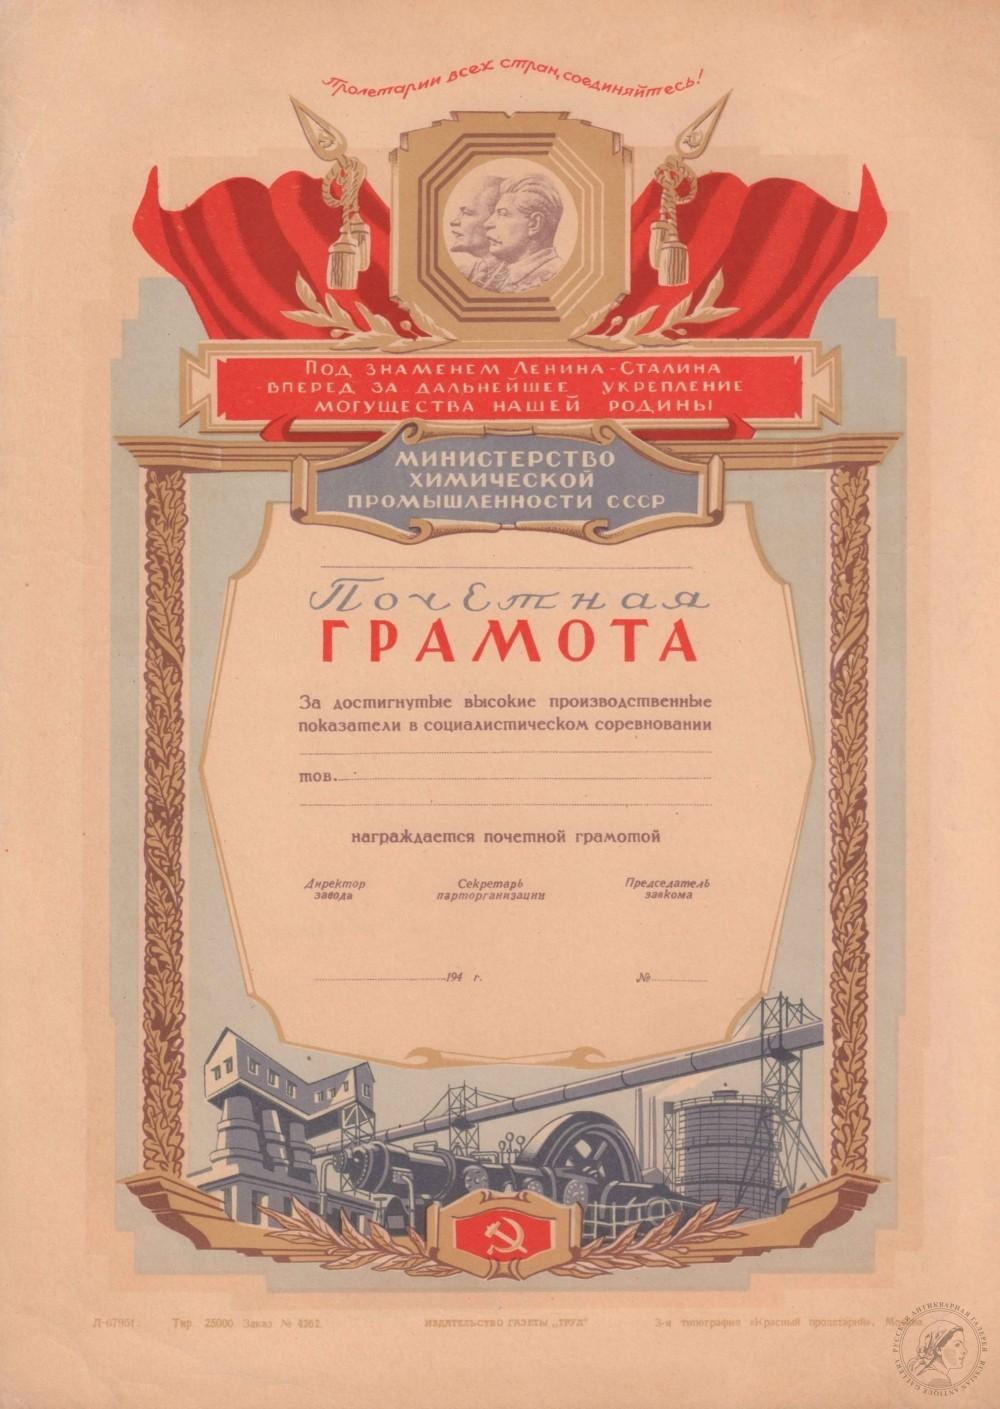 Почетная грамота. Министерство химической промышленности СССР